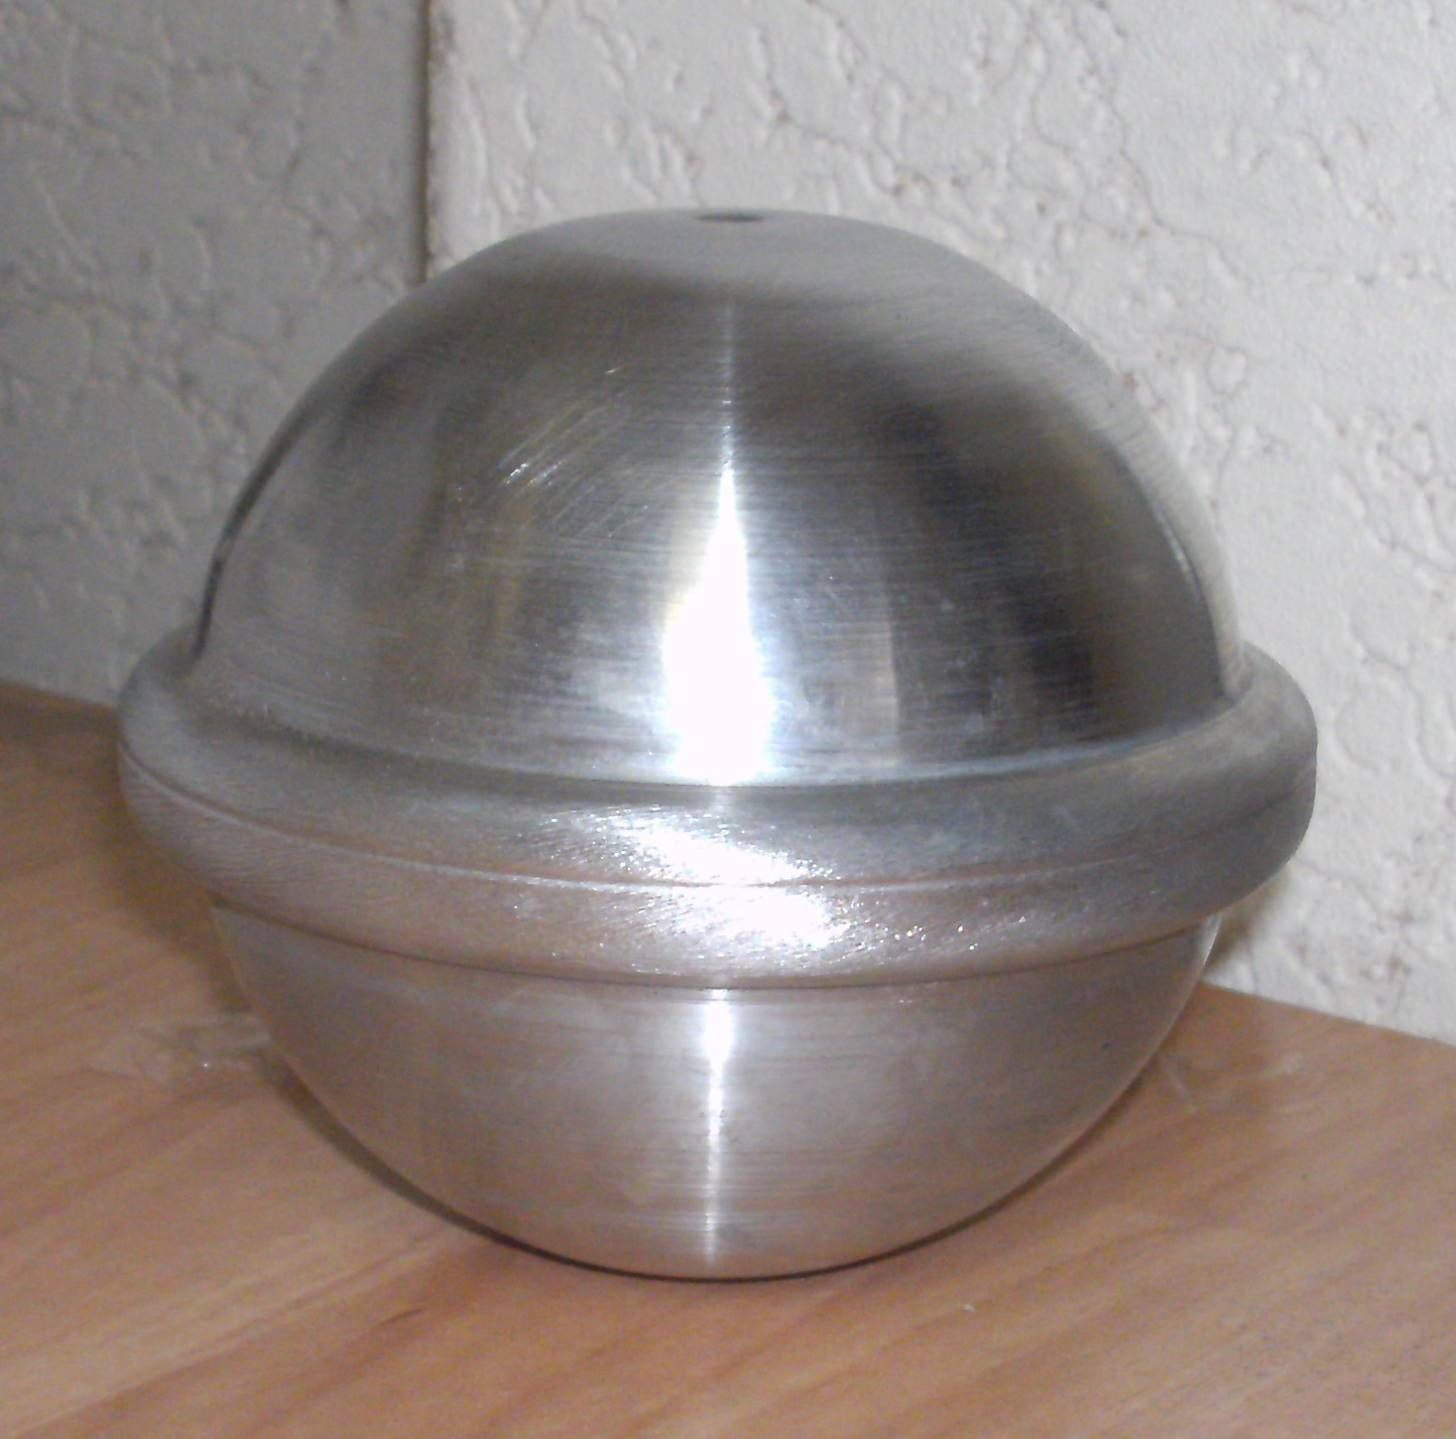 Kugel Zinkkugel zink erhältlich mit Wulst oder ohne Wulst Ø 140 mm NEU